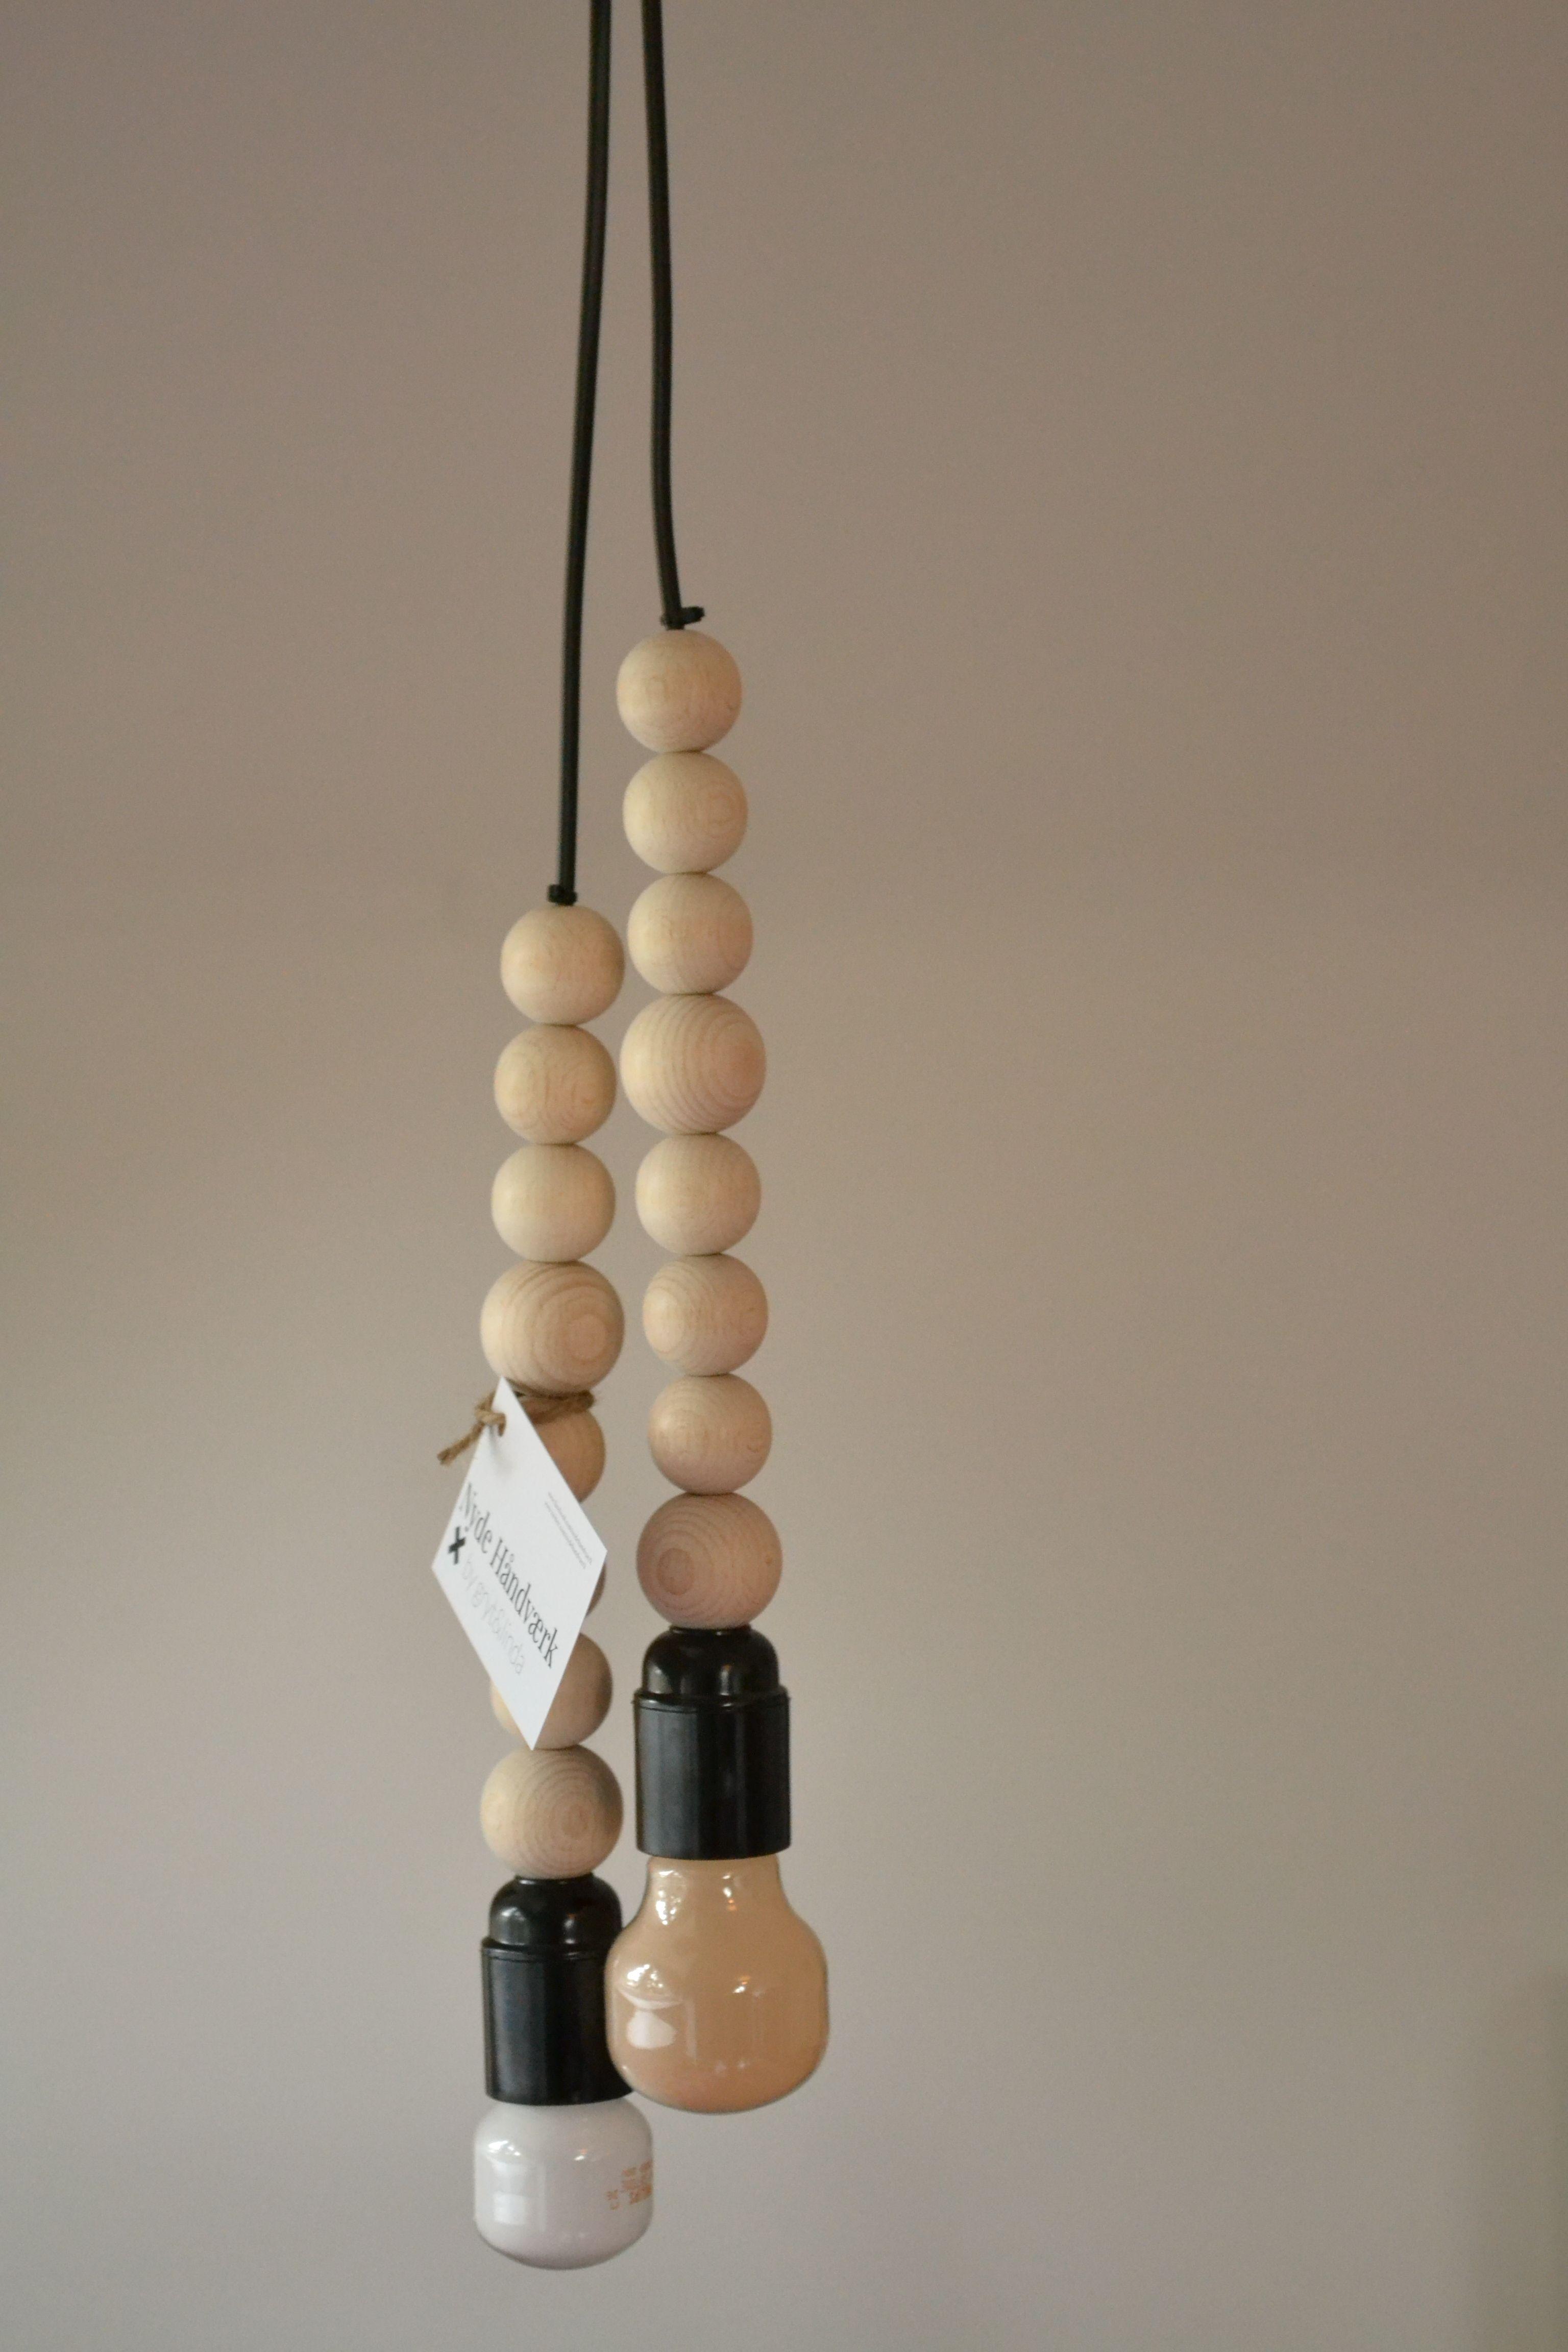 Handgemaakte Lamp Met Houten Kralen Lampen Met Hout Kast Zelf Maken Lampen